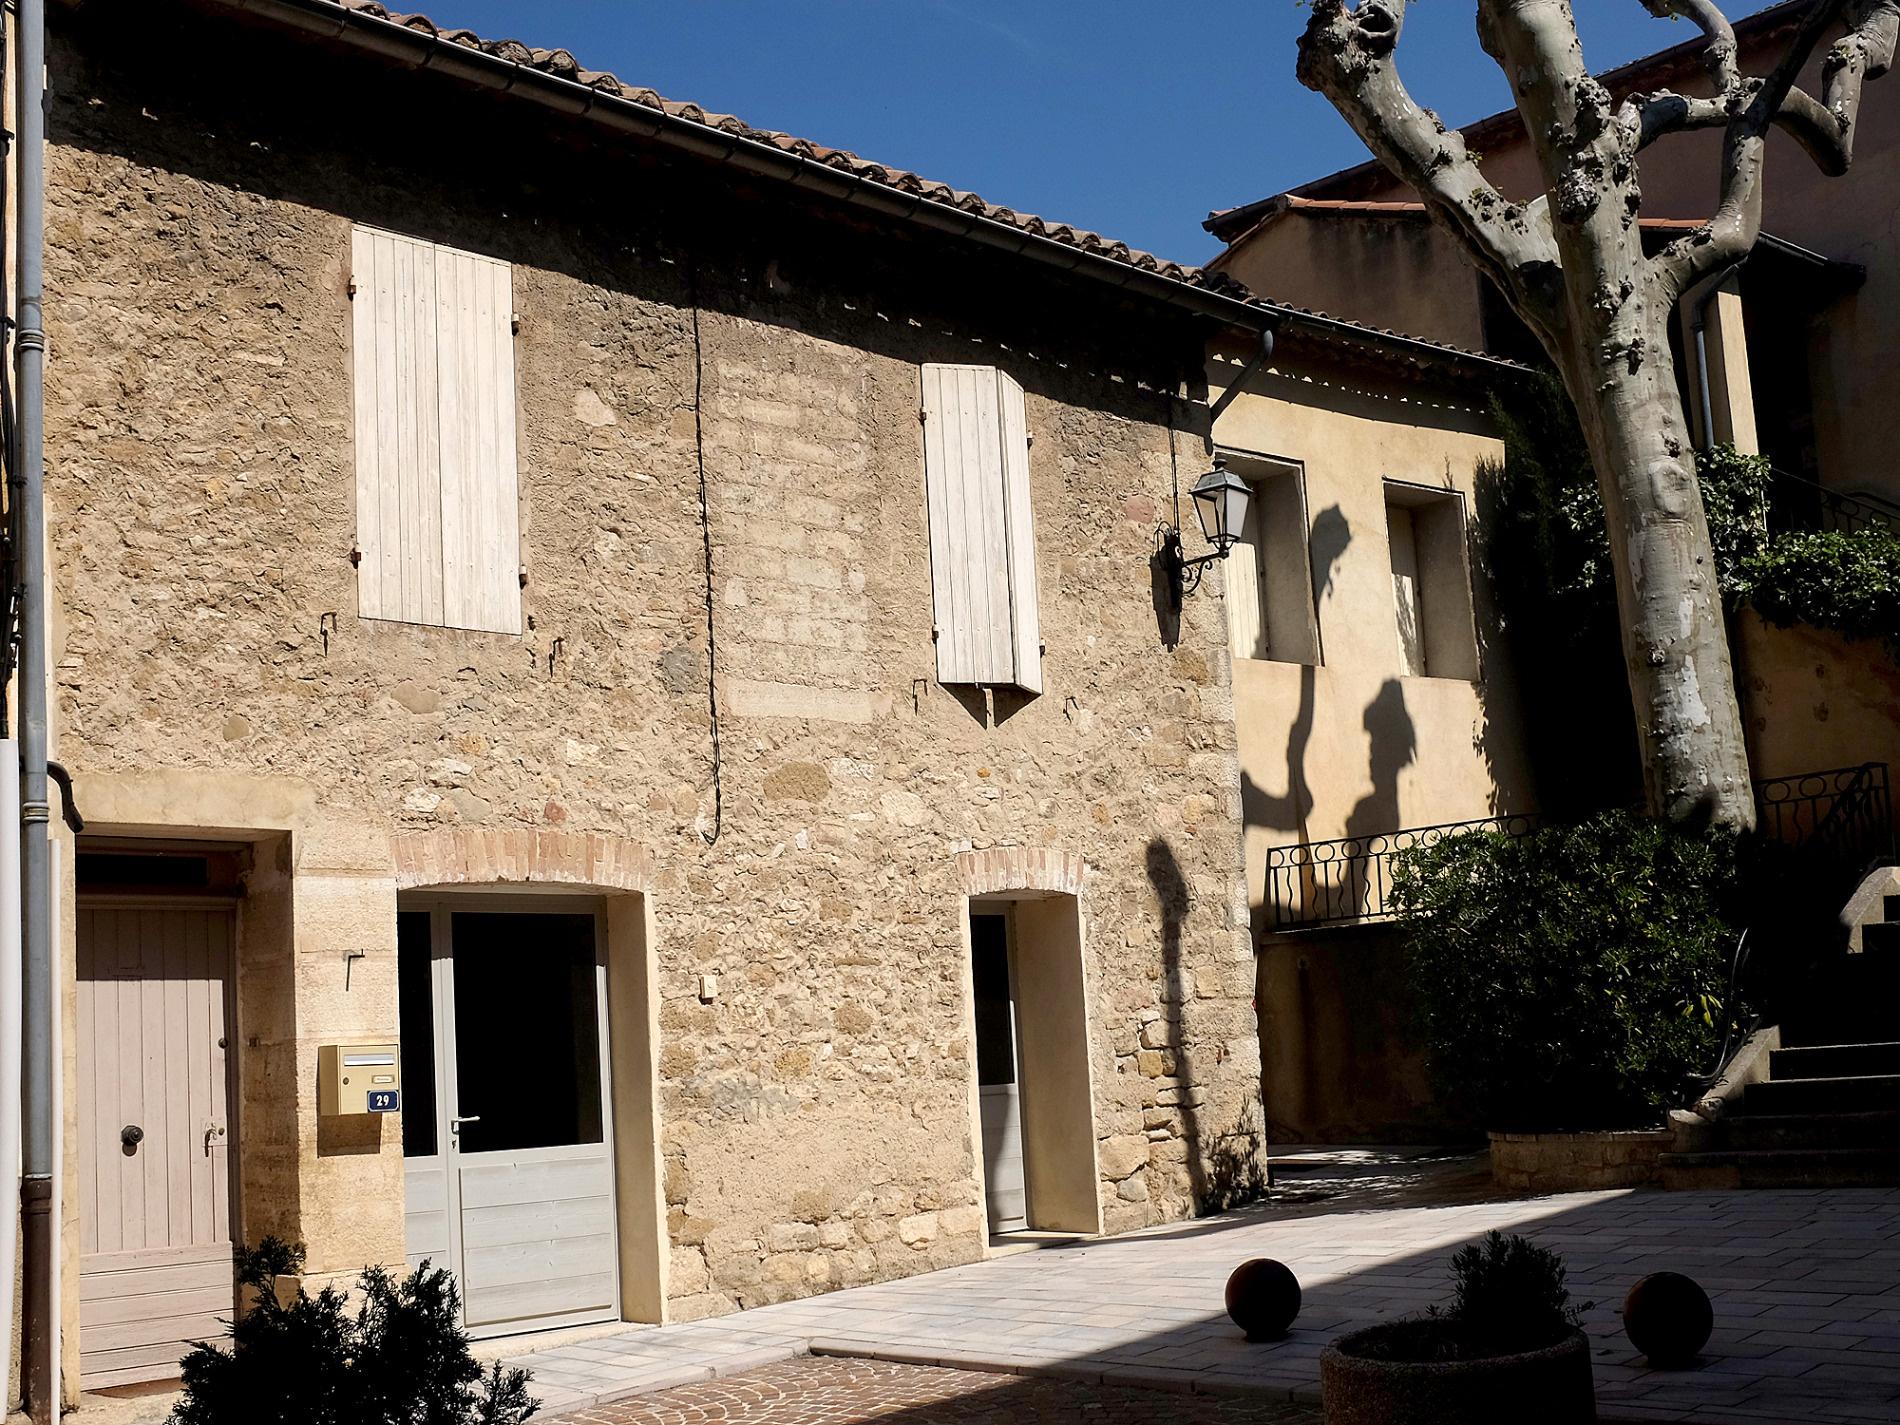 Vente maison dans le coeur du village avec atelier for Vente maison avec atelier